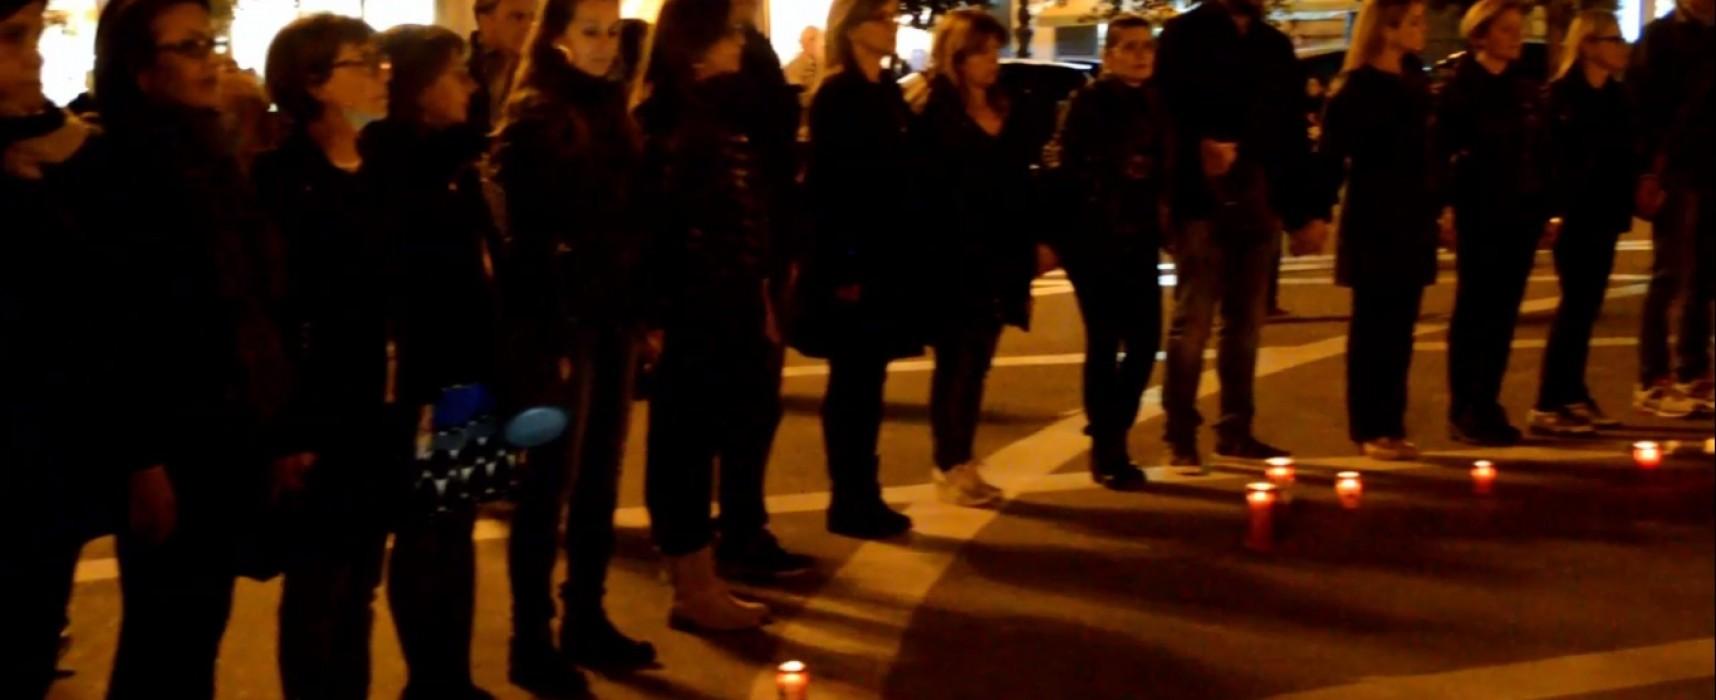 """DDL """"Buona Scuola"""": anche a Bisceglie il Flash mob di protesta dei docenti / VIDEO"""